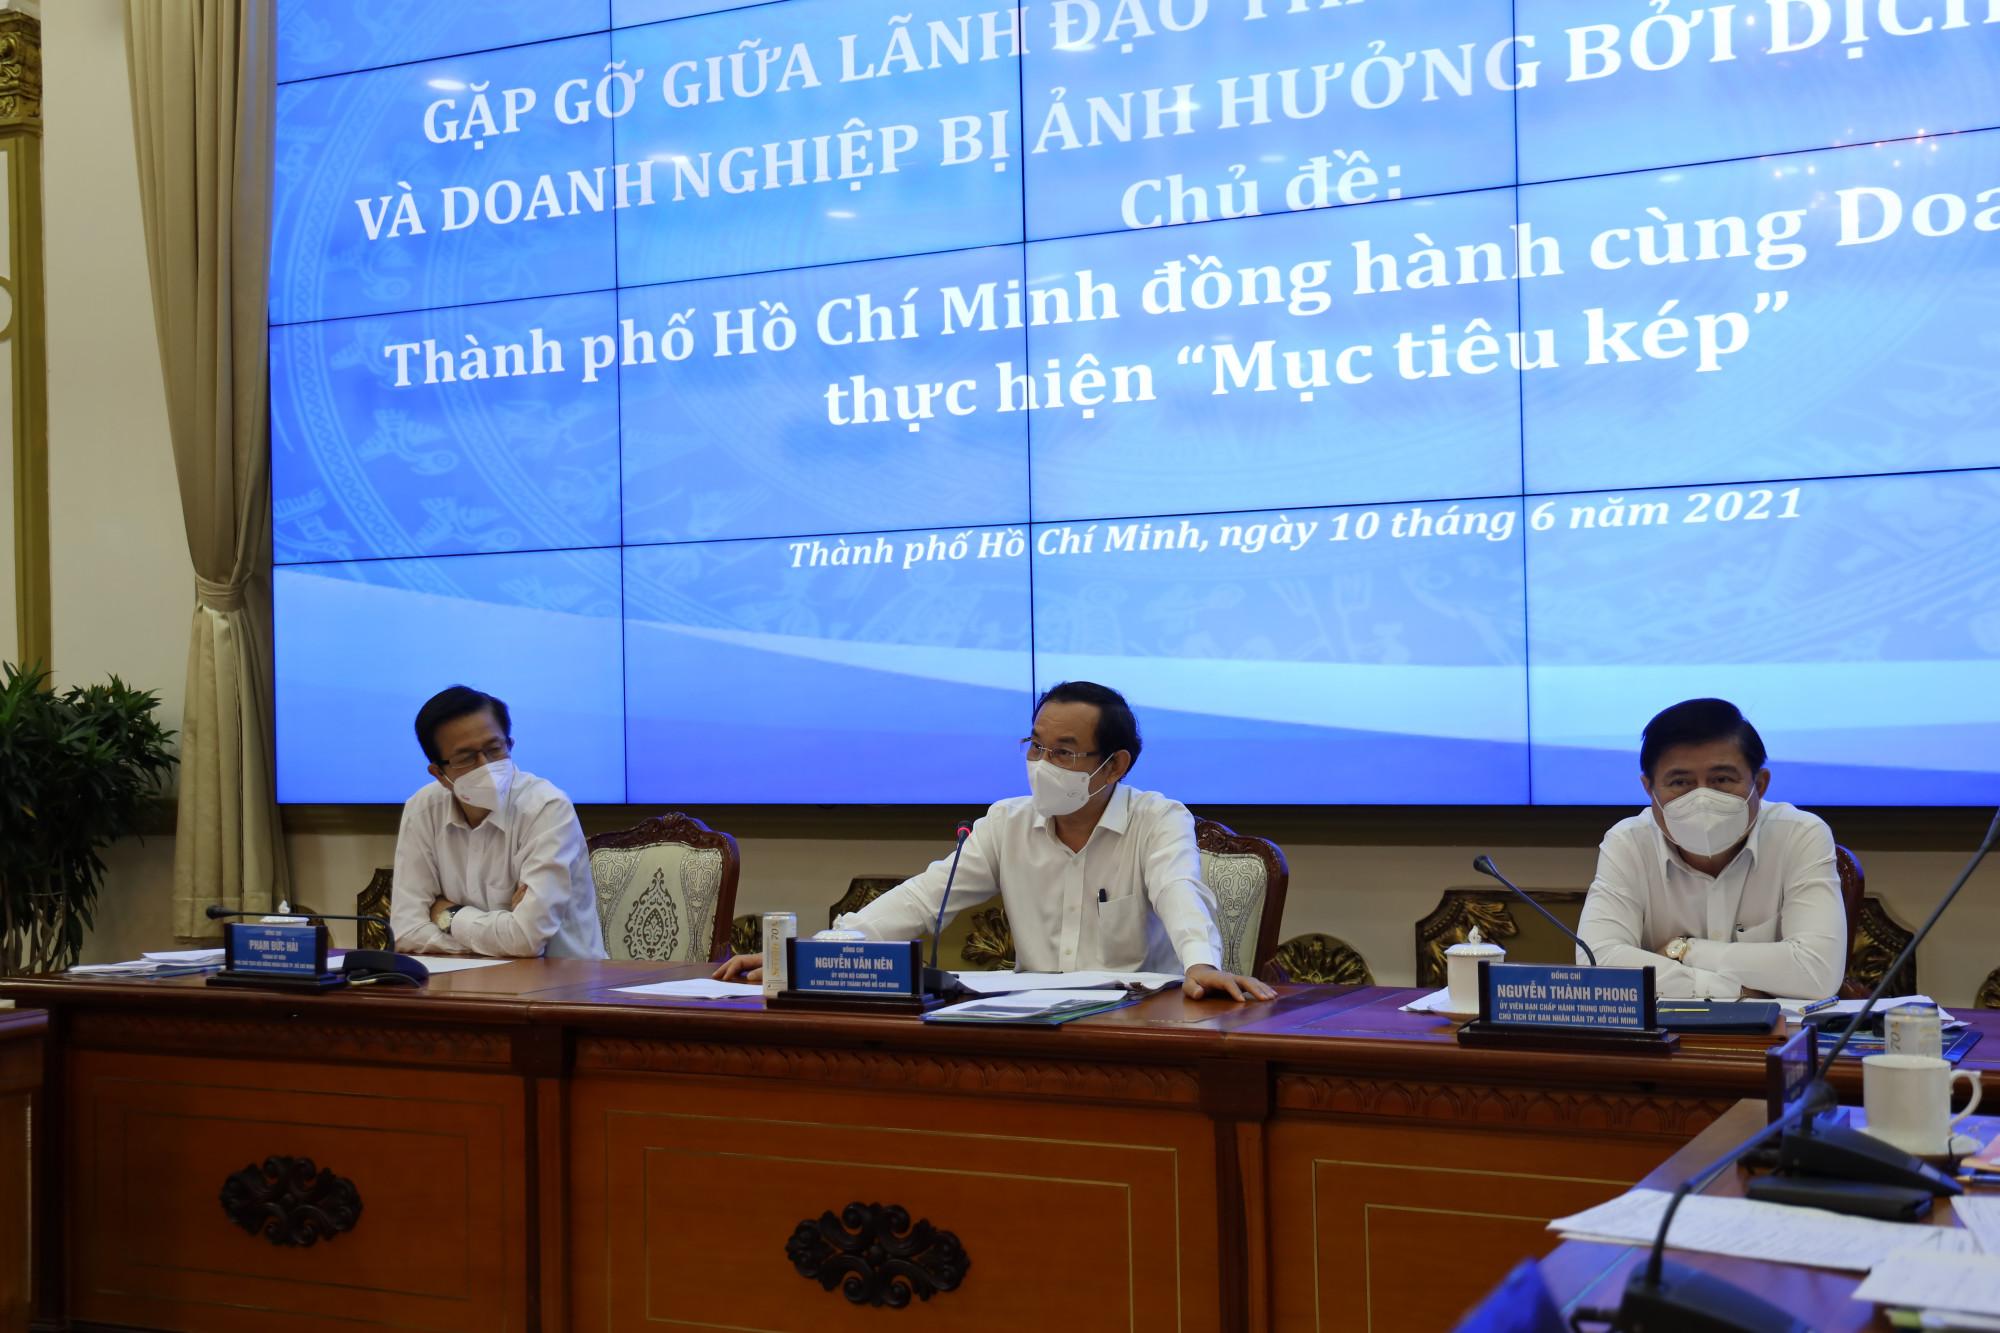 Bí thư Thành ủy TPHCM Nguyễn Văn Nên tham dự hội nghị sáng 10/6